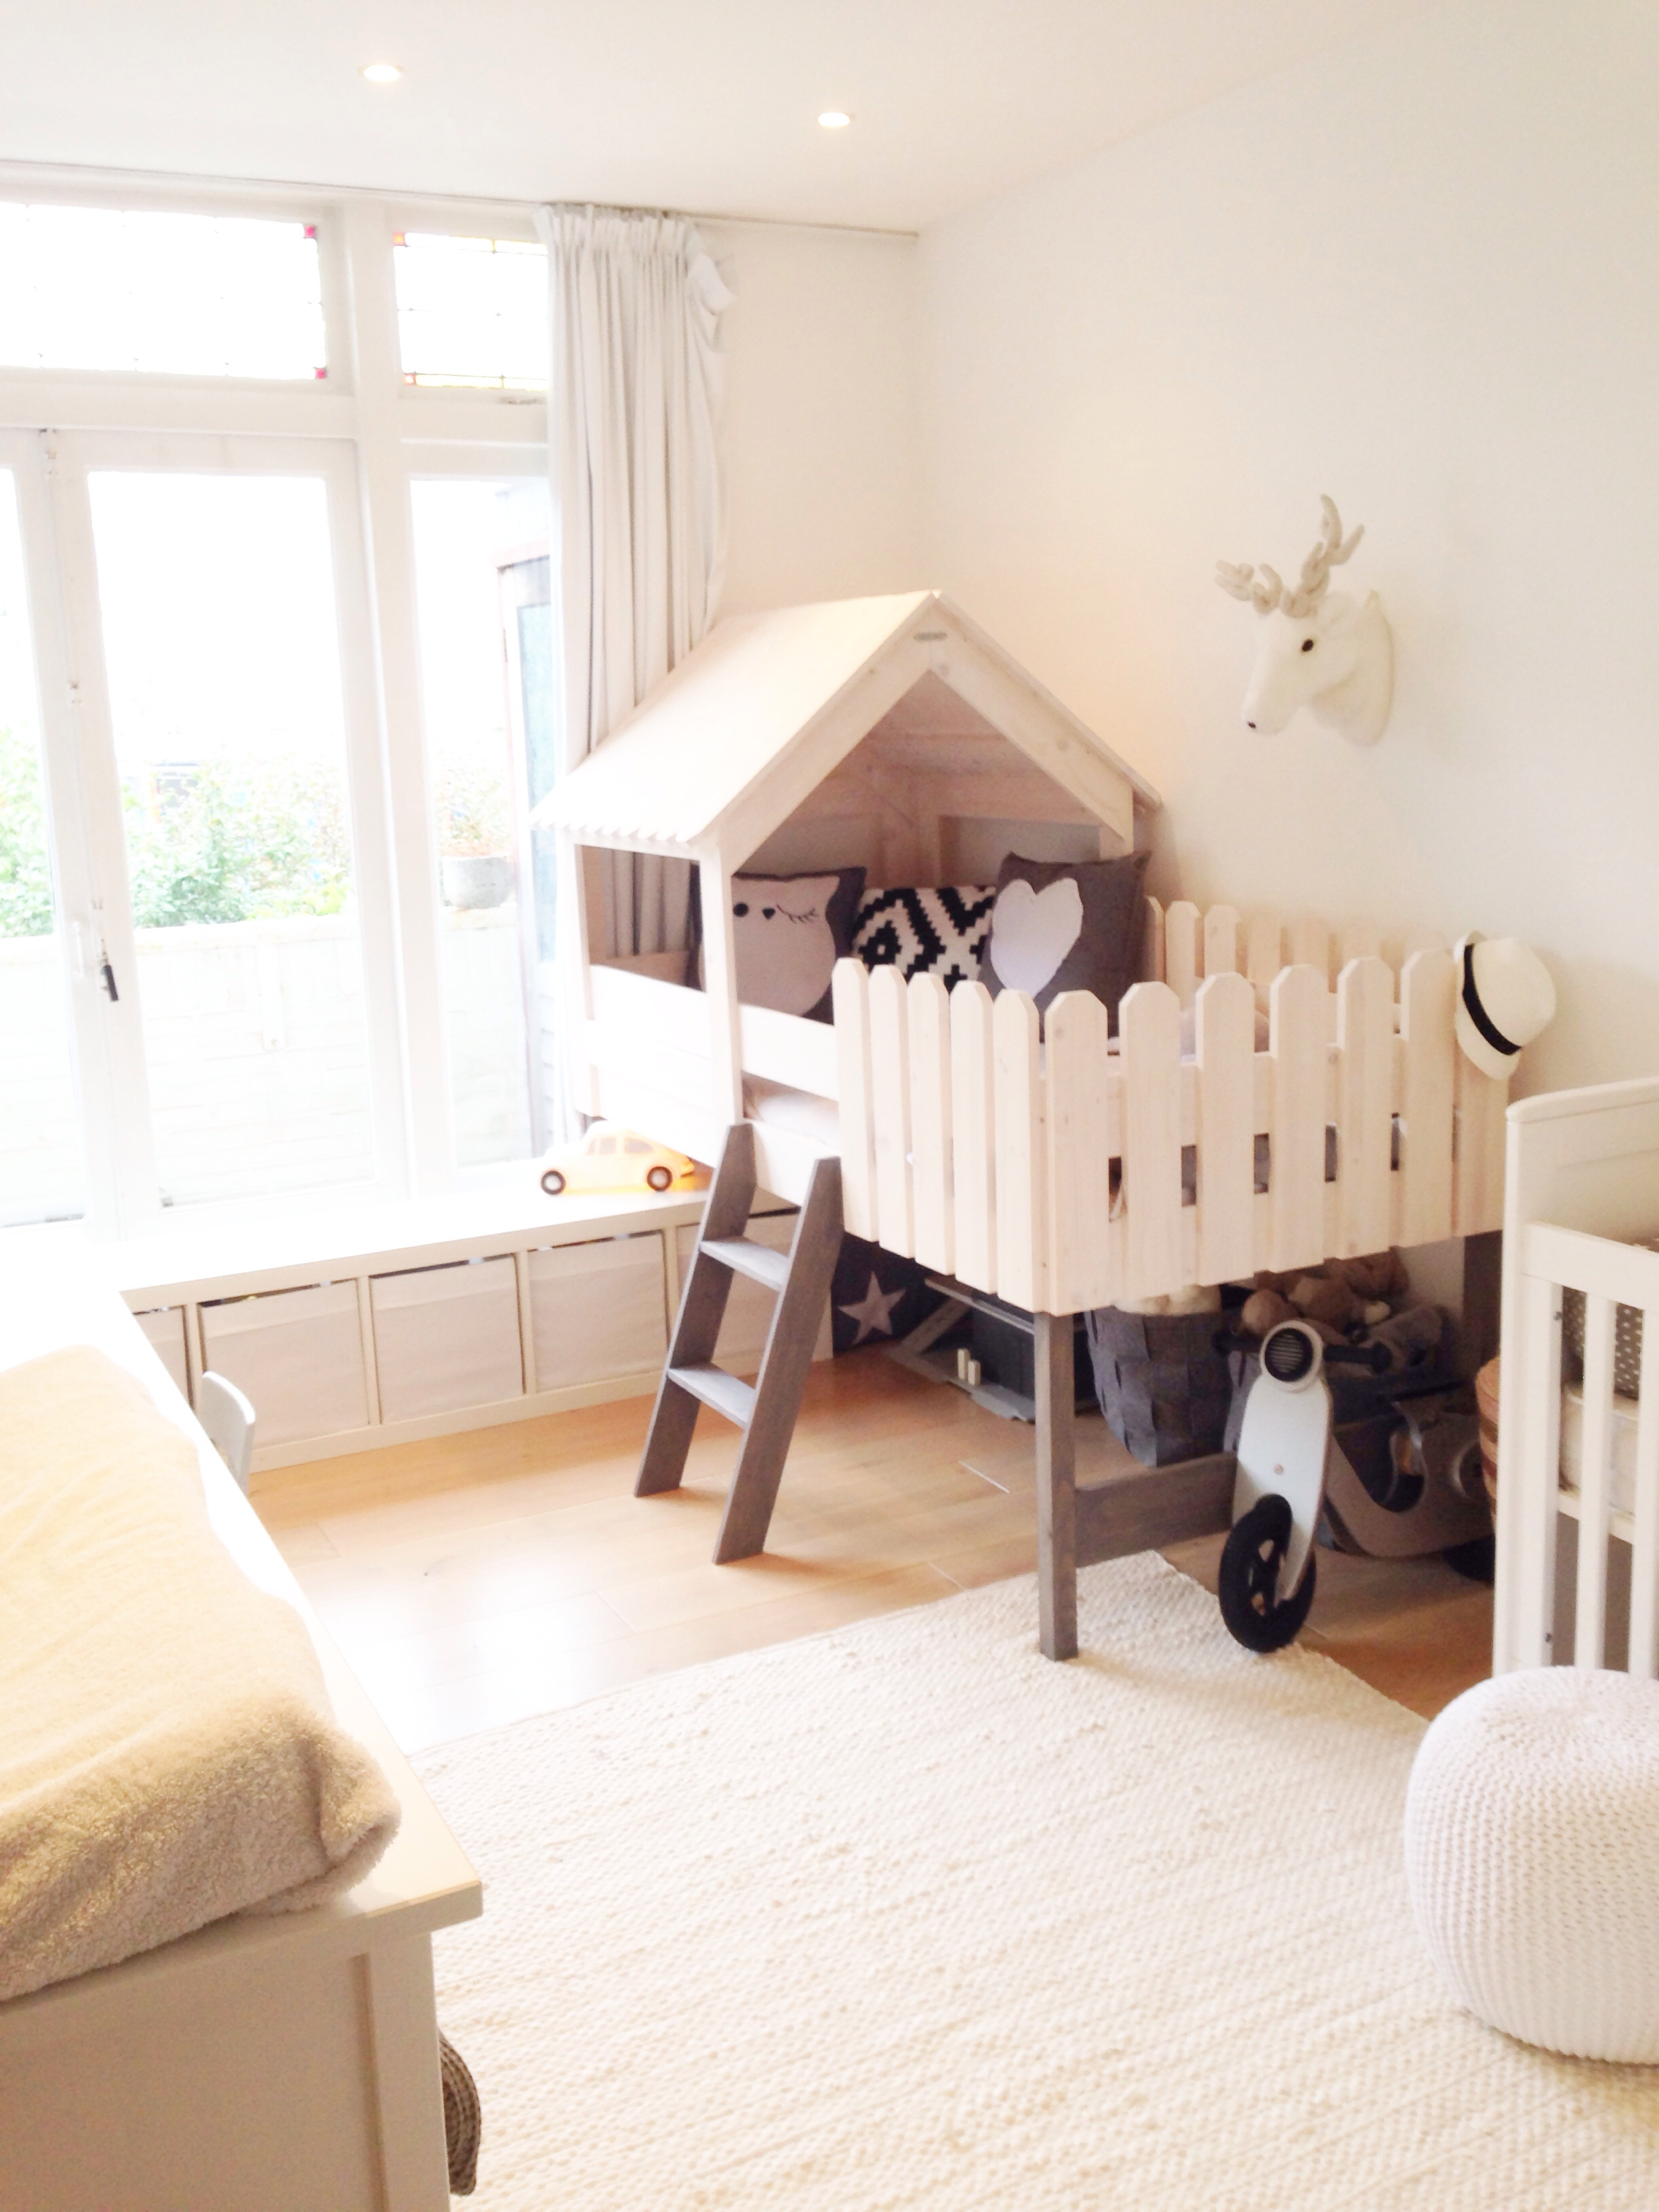 inspiratie: kinderkamer voor baby en peuter - mammiemammie.nl, Deco ideeën